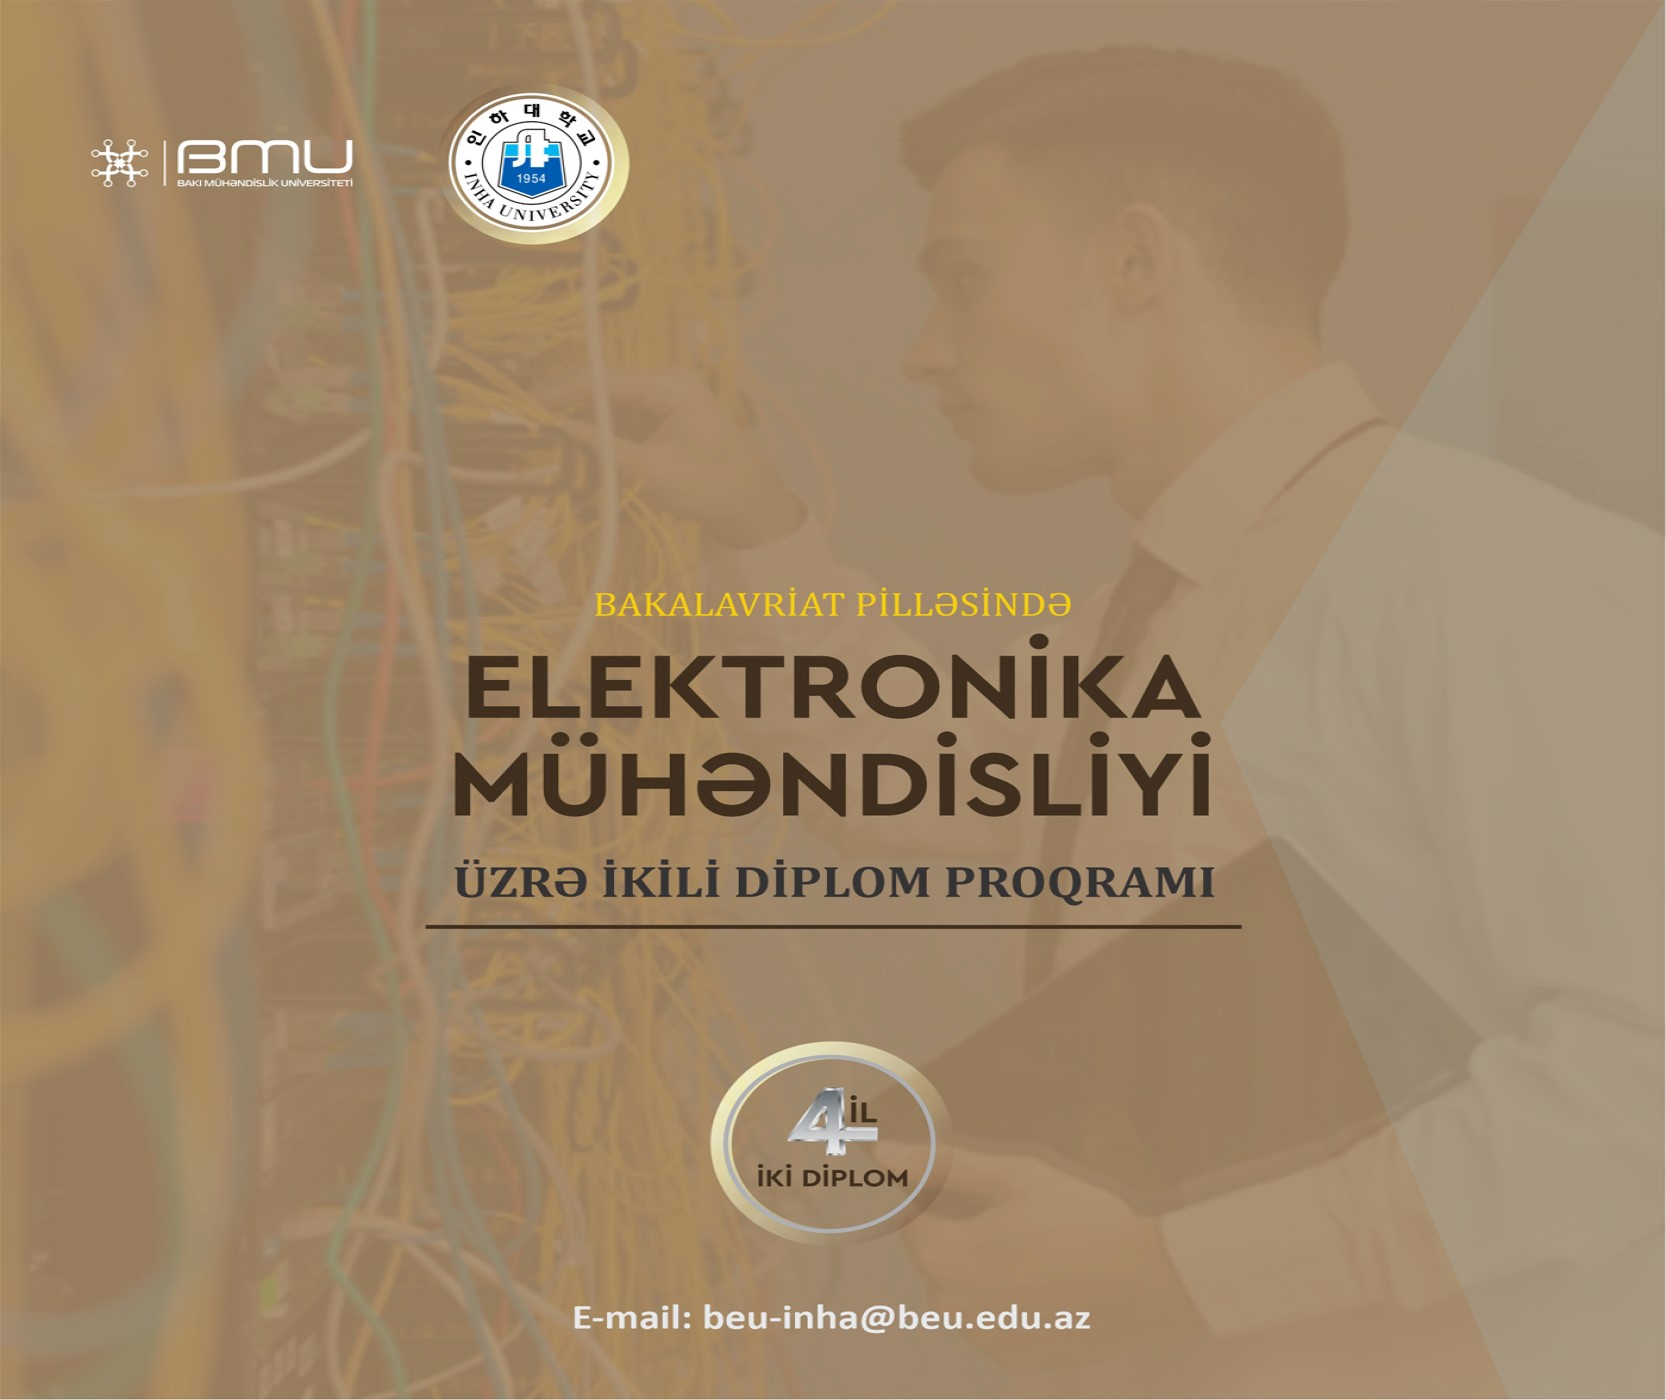 """BMU-İnha ikili diplom proqramında """"Elektronika mühəndisliyi"""" ixtisası üzrə qəbul həyata keçirilir"""